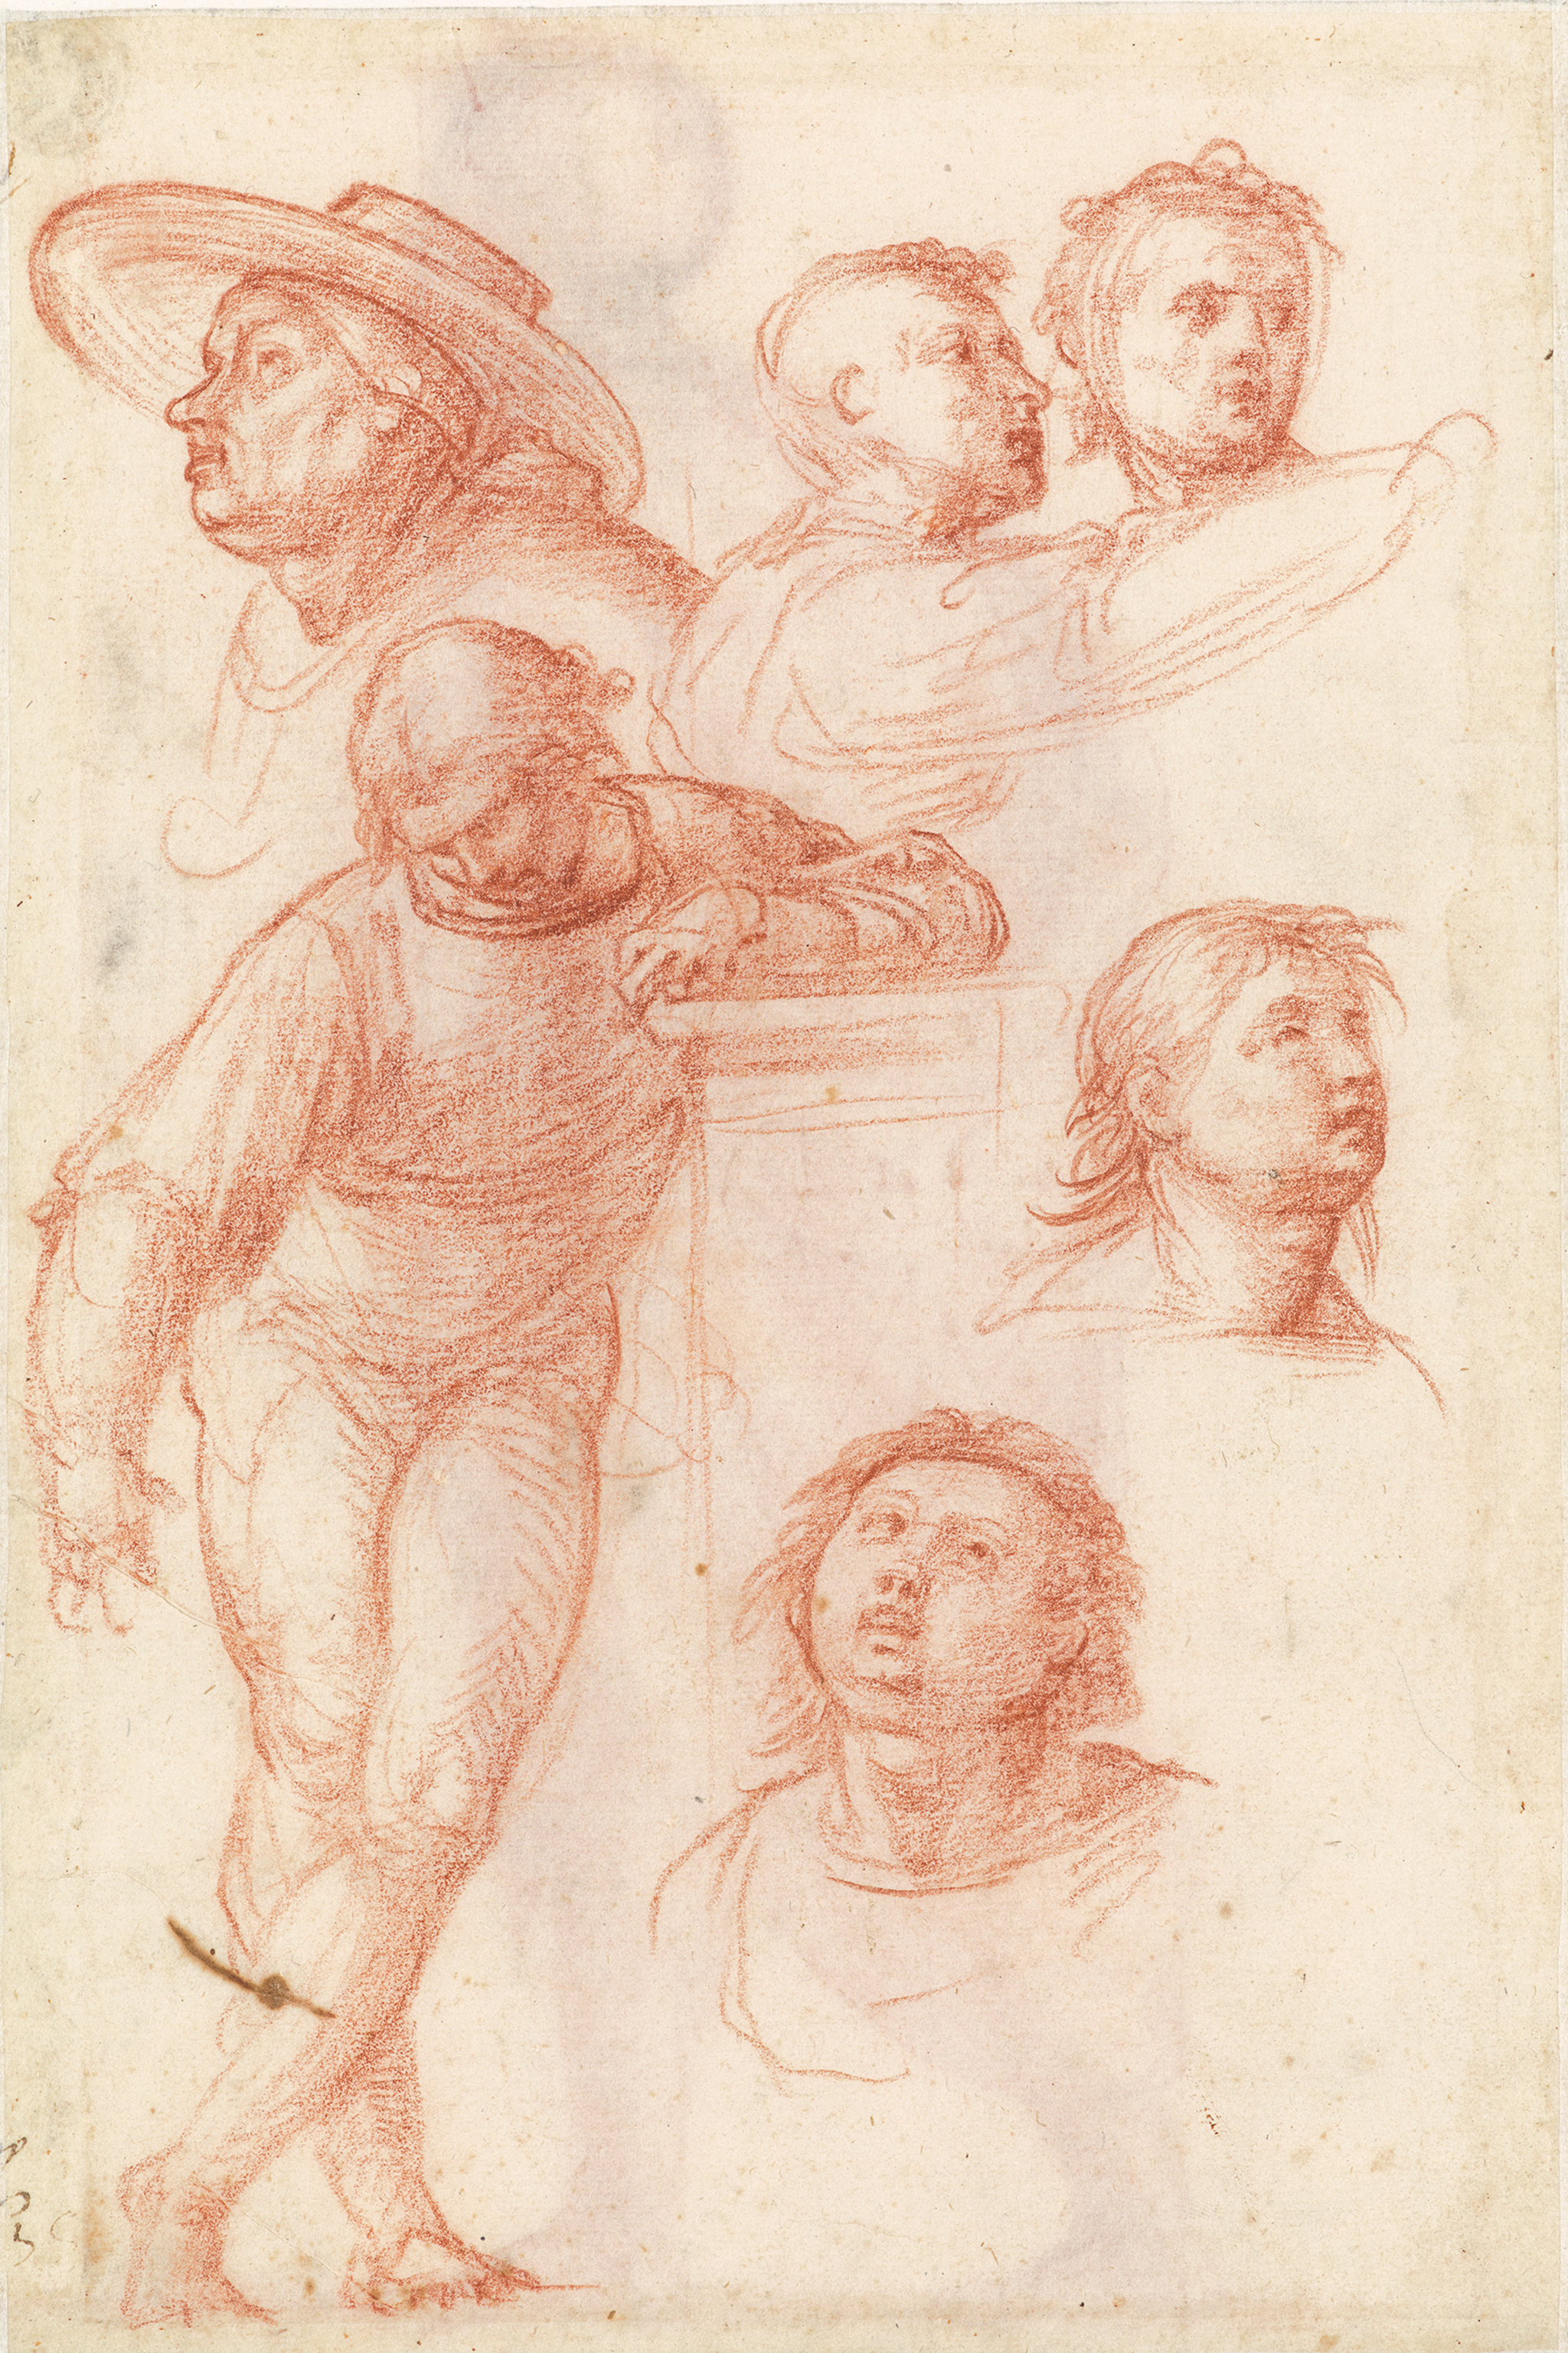 98589_03-studies-voor-omstanders-in-het-schilderij-madonna-della-misericordia-poging3.jpg